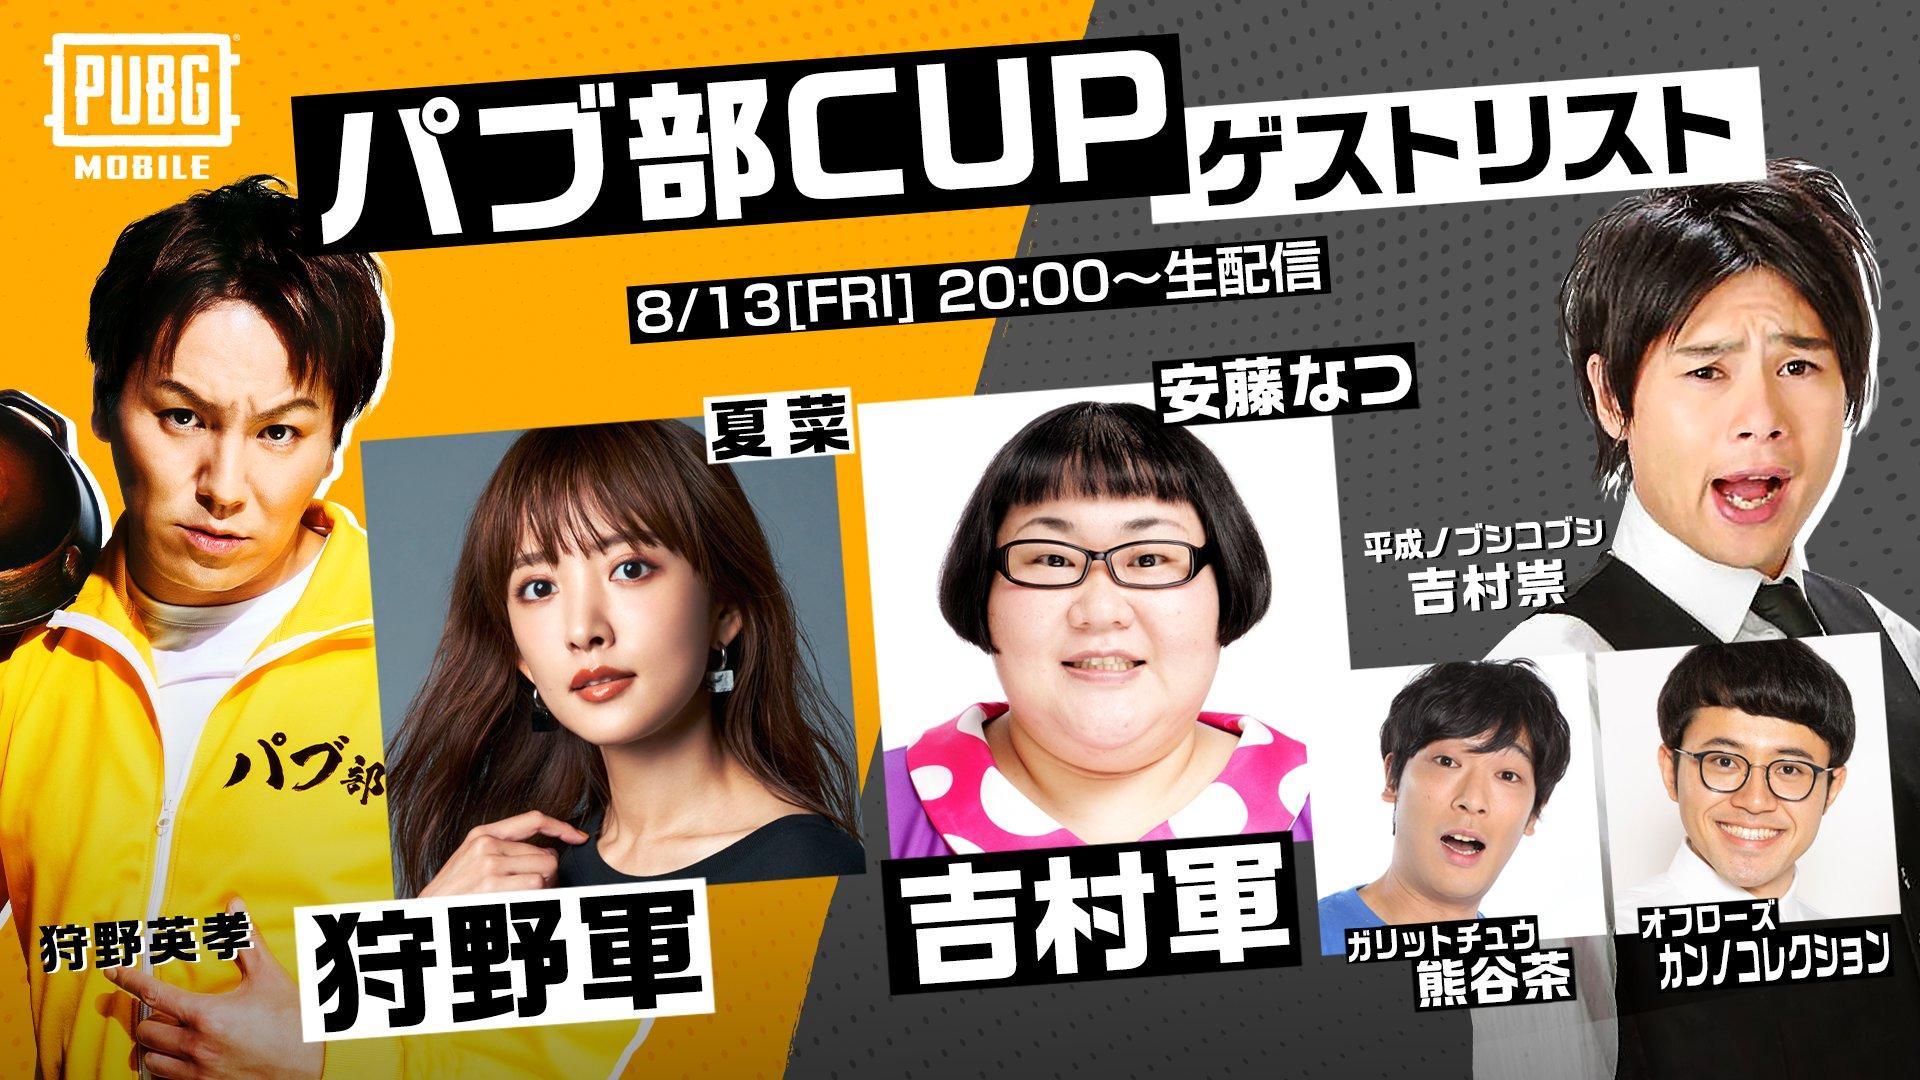 【 猿の極み 】『パブ部CUP』出場!